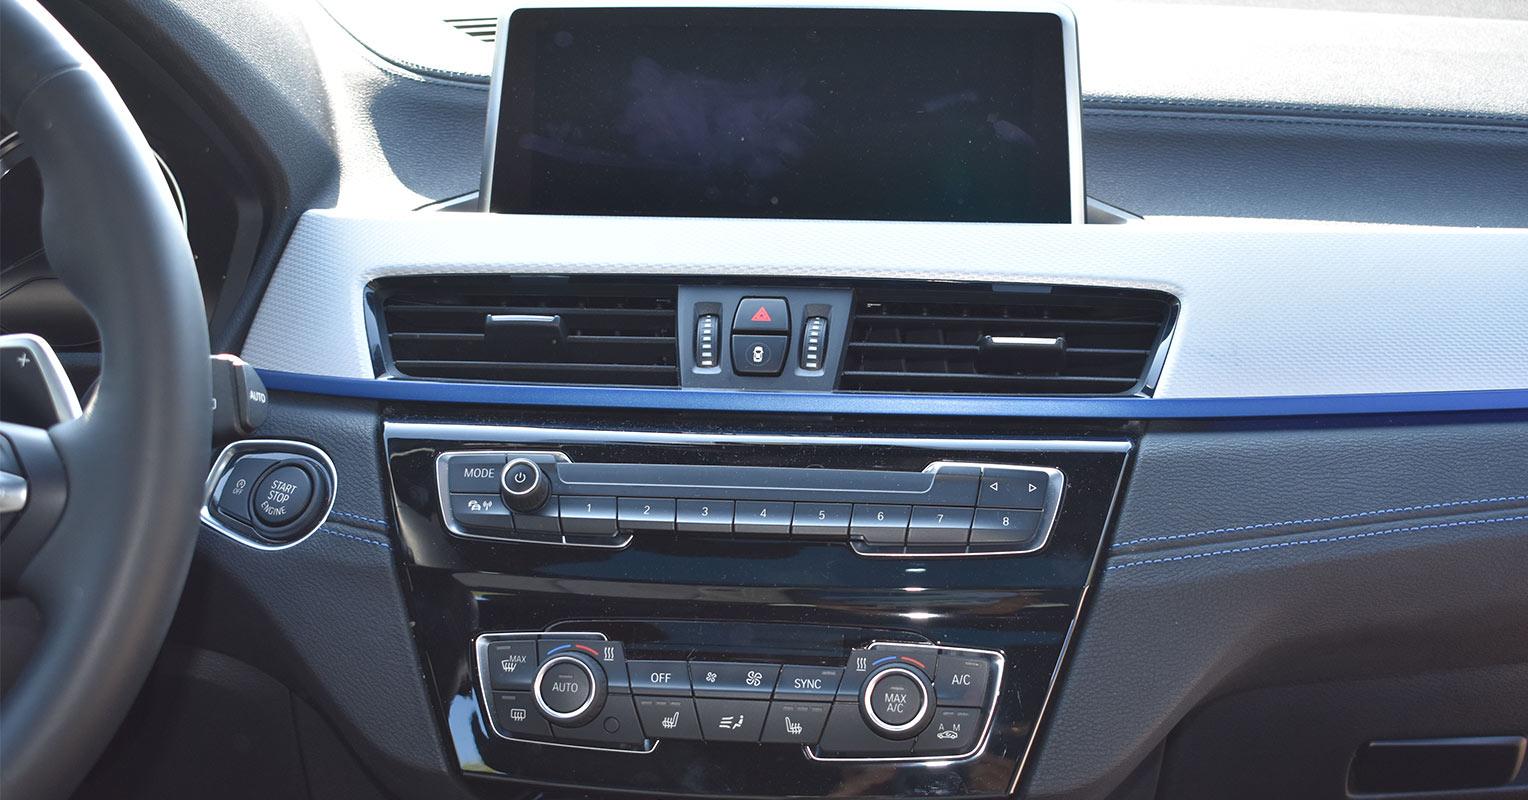 Consola central del BMW X2